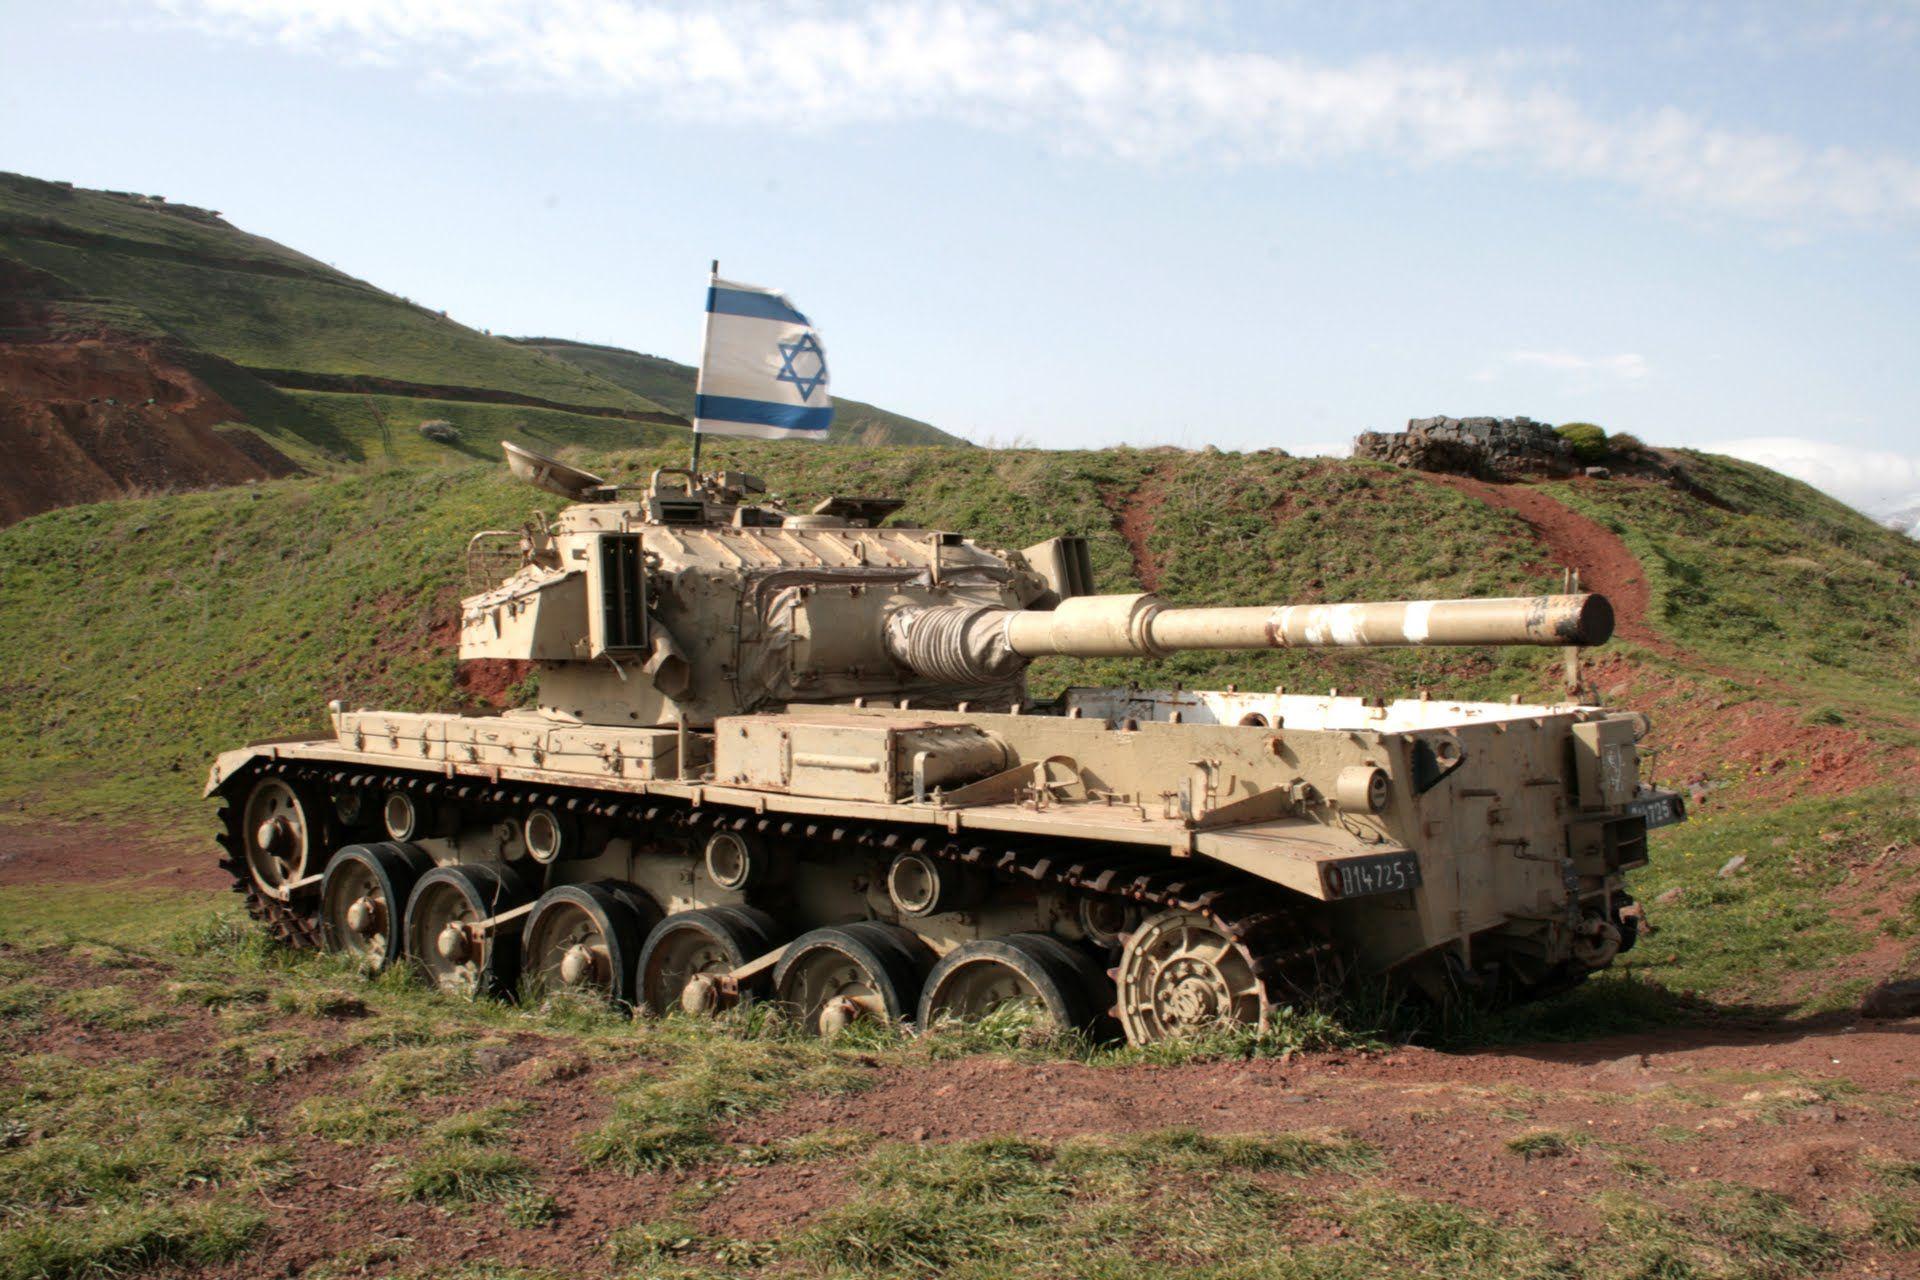 Tanque Israeli Centurion de fabricacion inglesa abandonado en las alturas del Golan luego de la guerra del Yom Kippur.